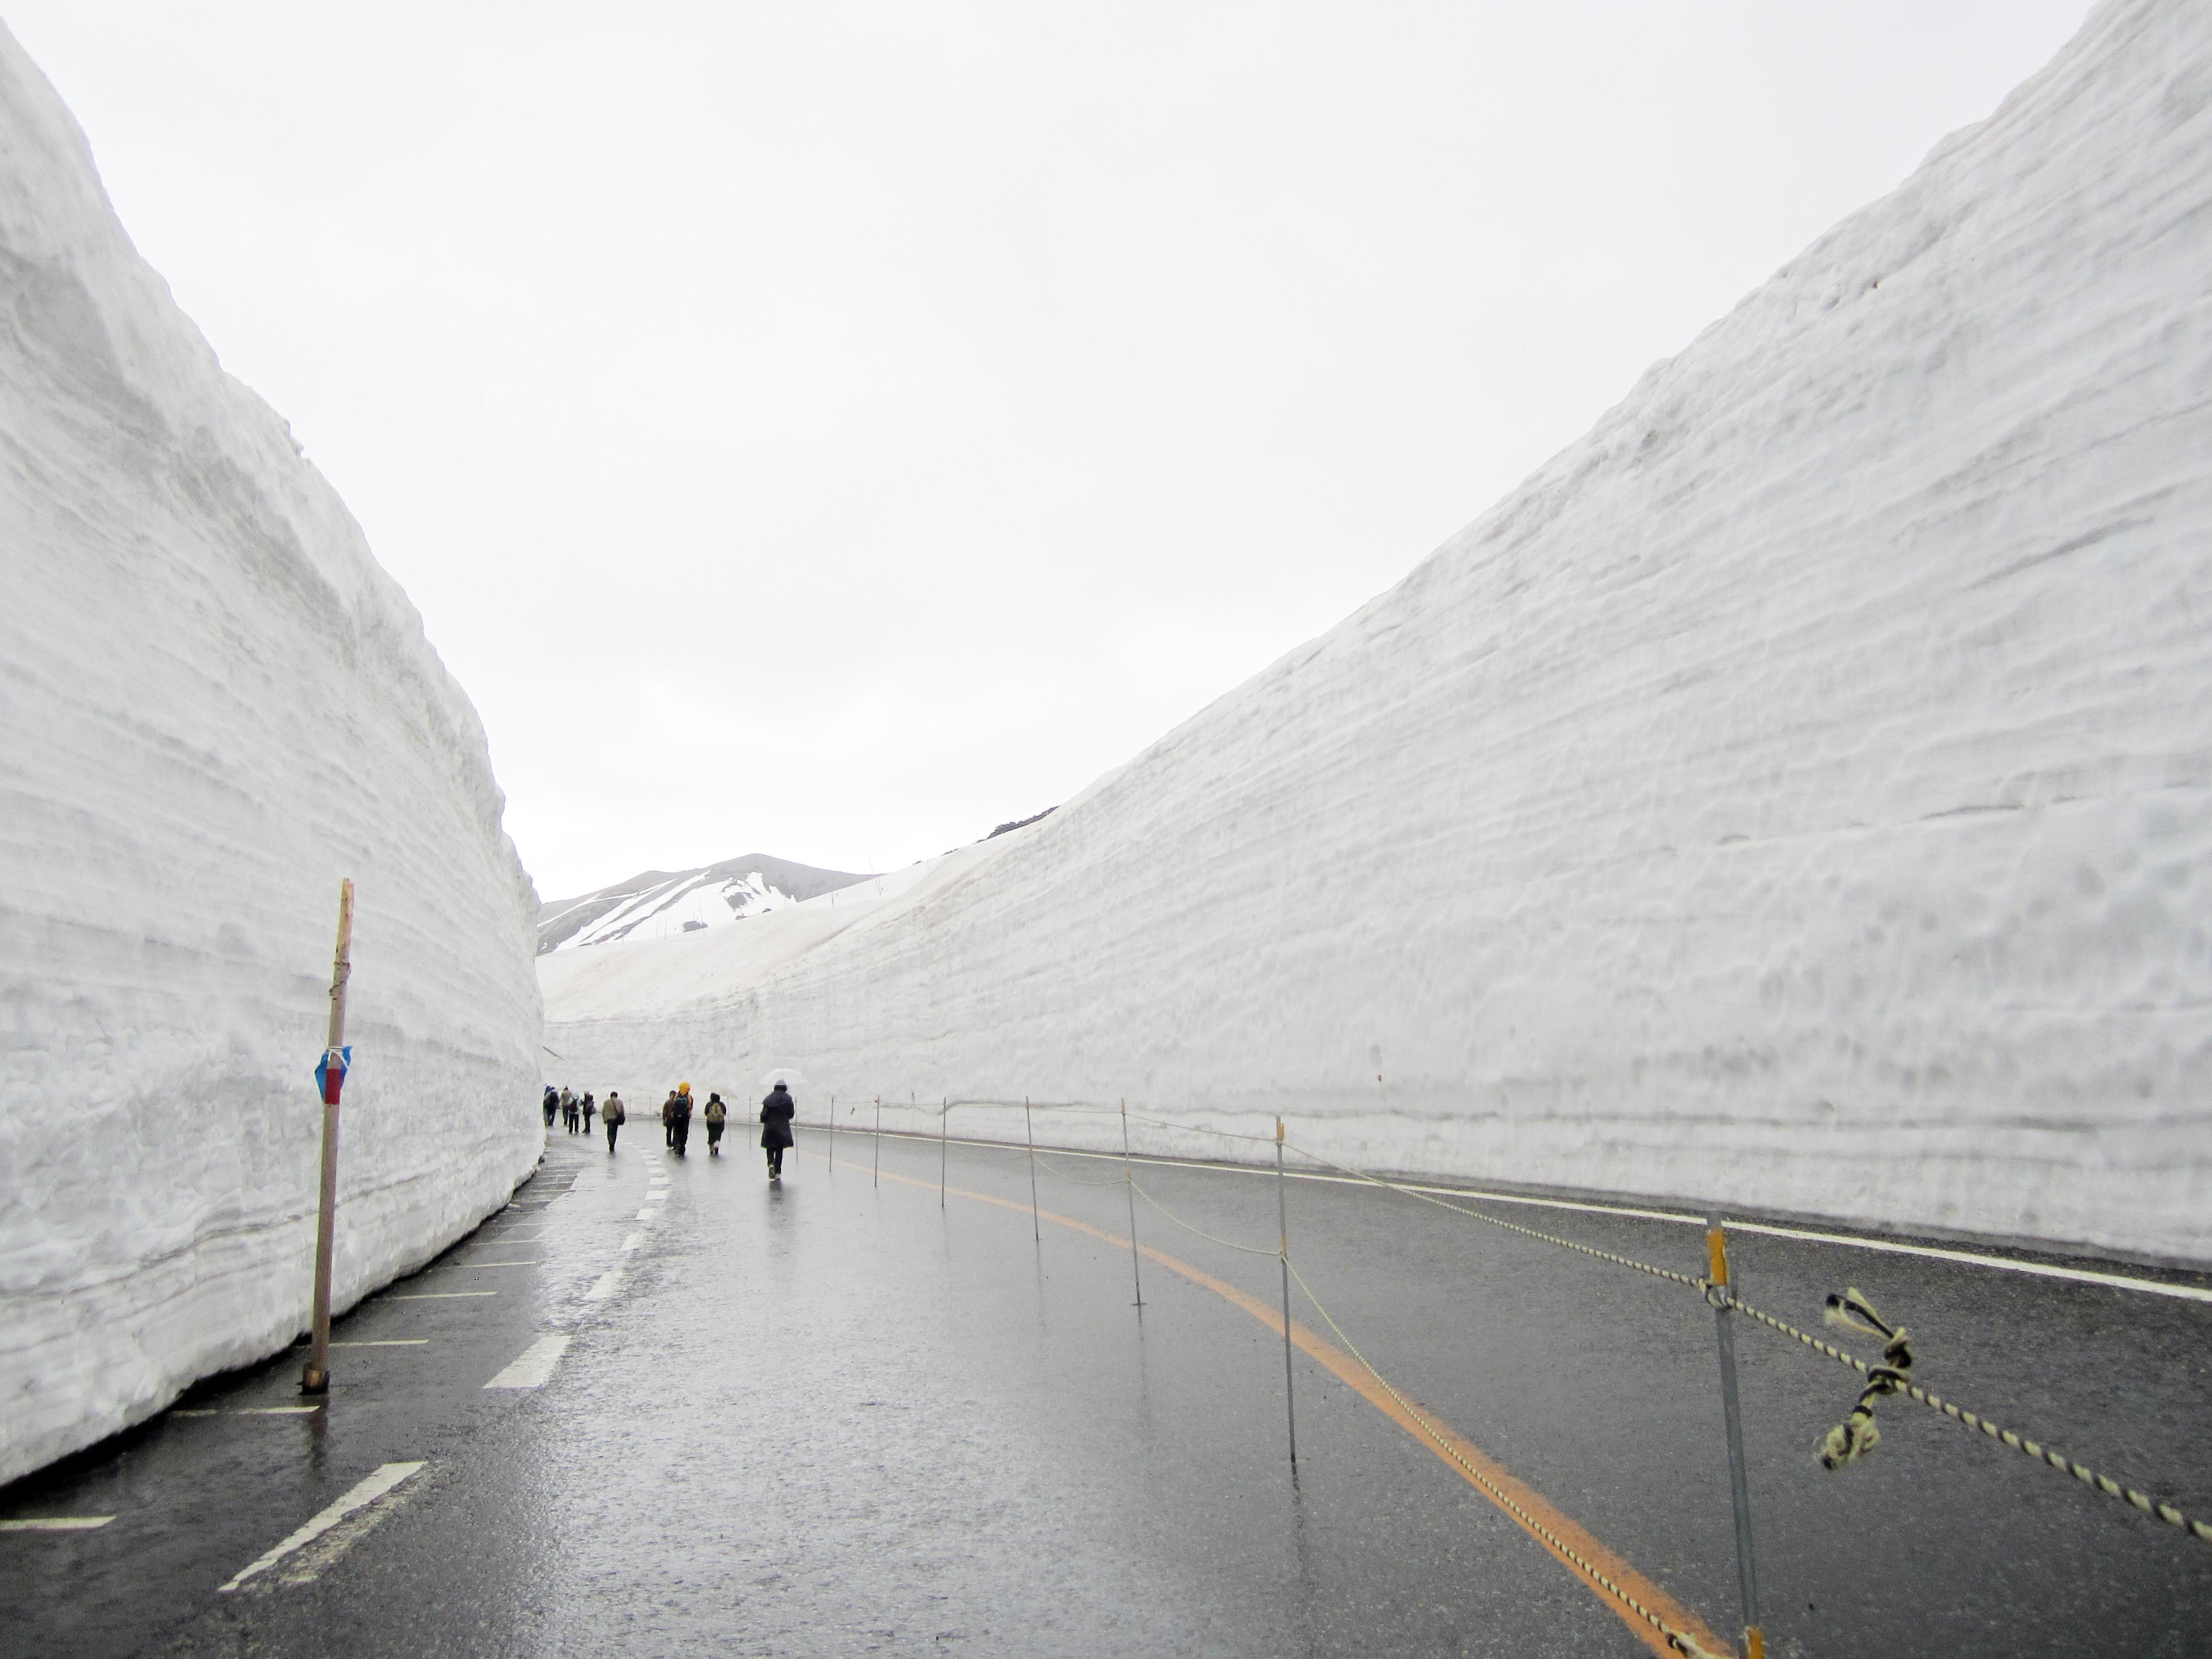 Tateyama: Bermain Salju di Musim Semi